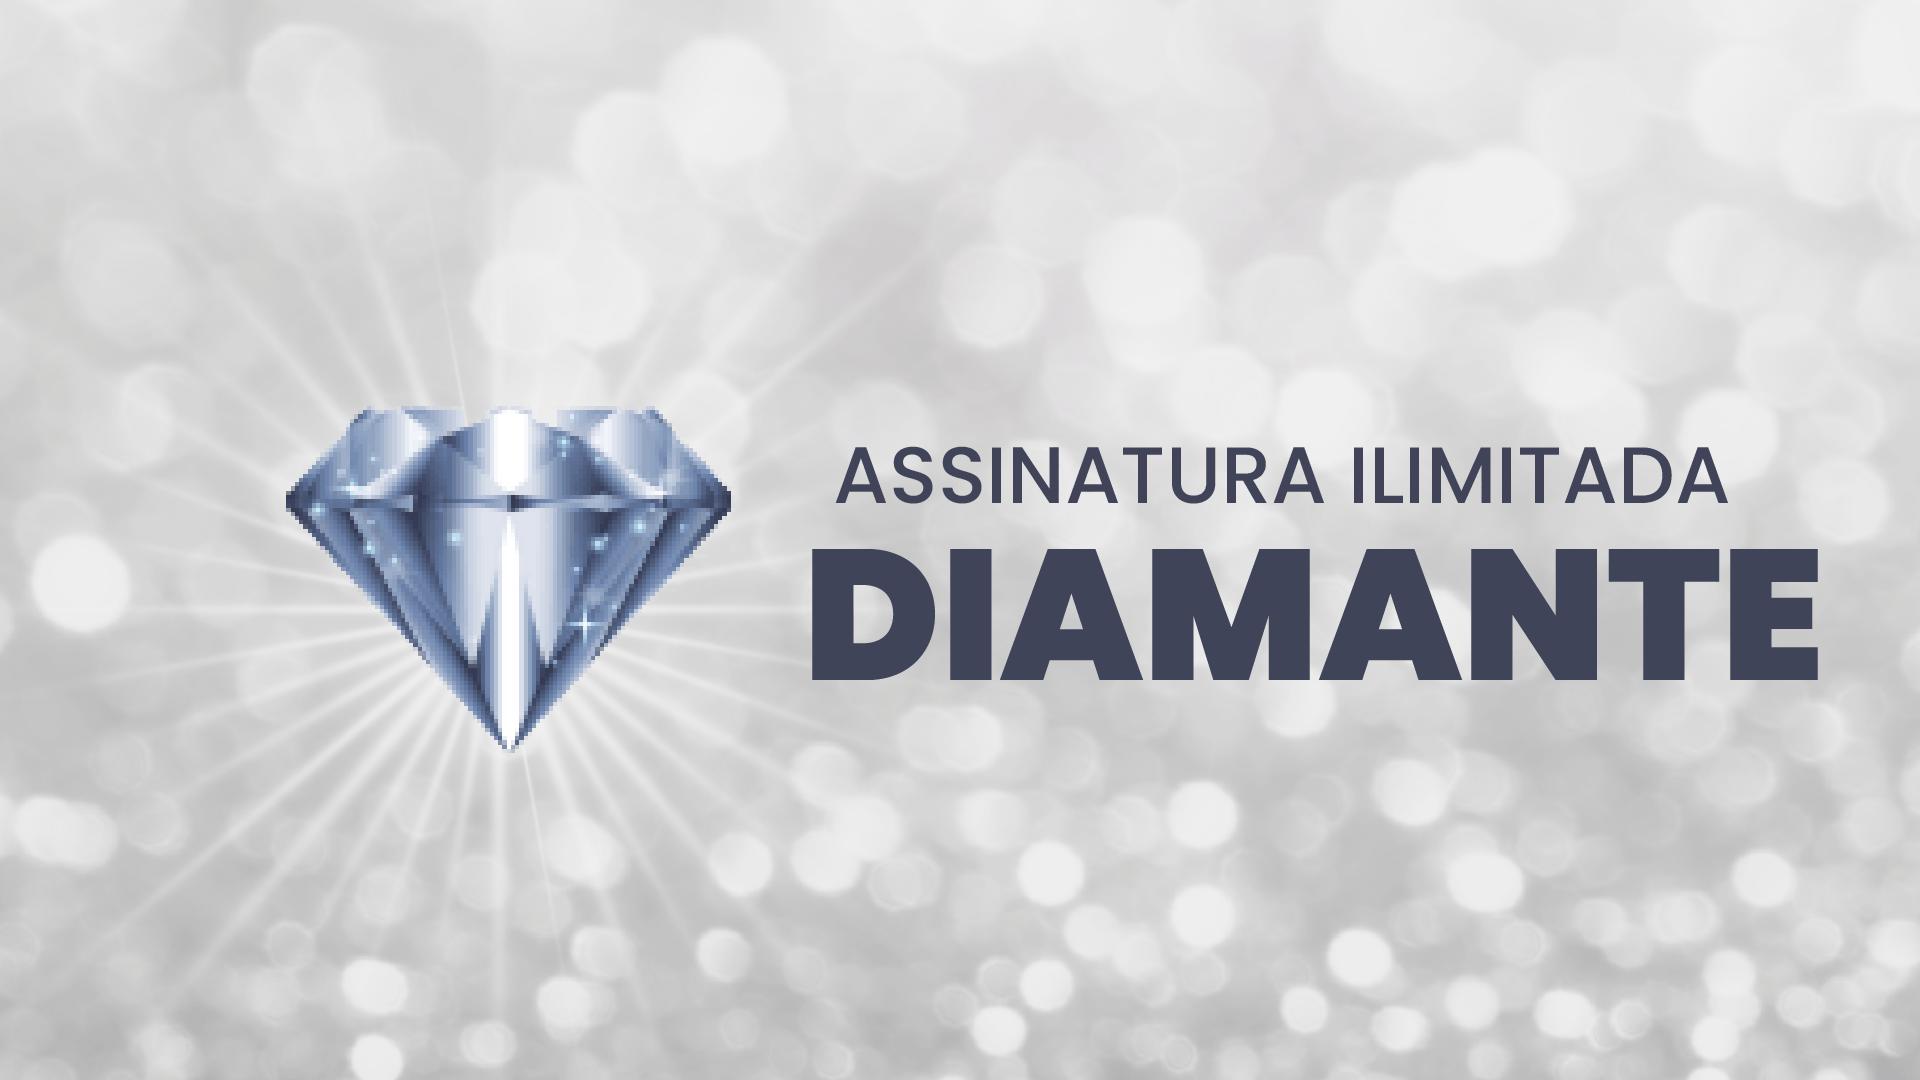 Assinatura Ilimitada Diamante - Anual